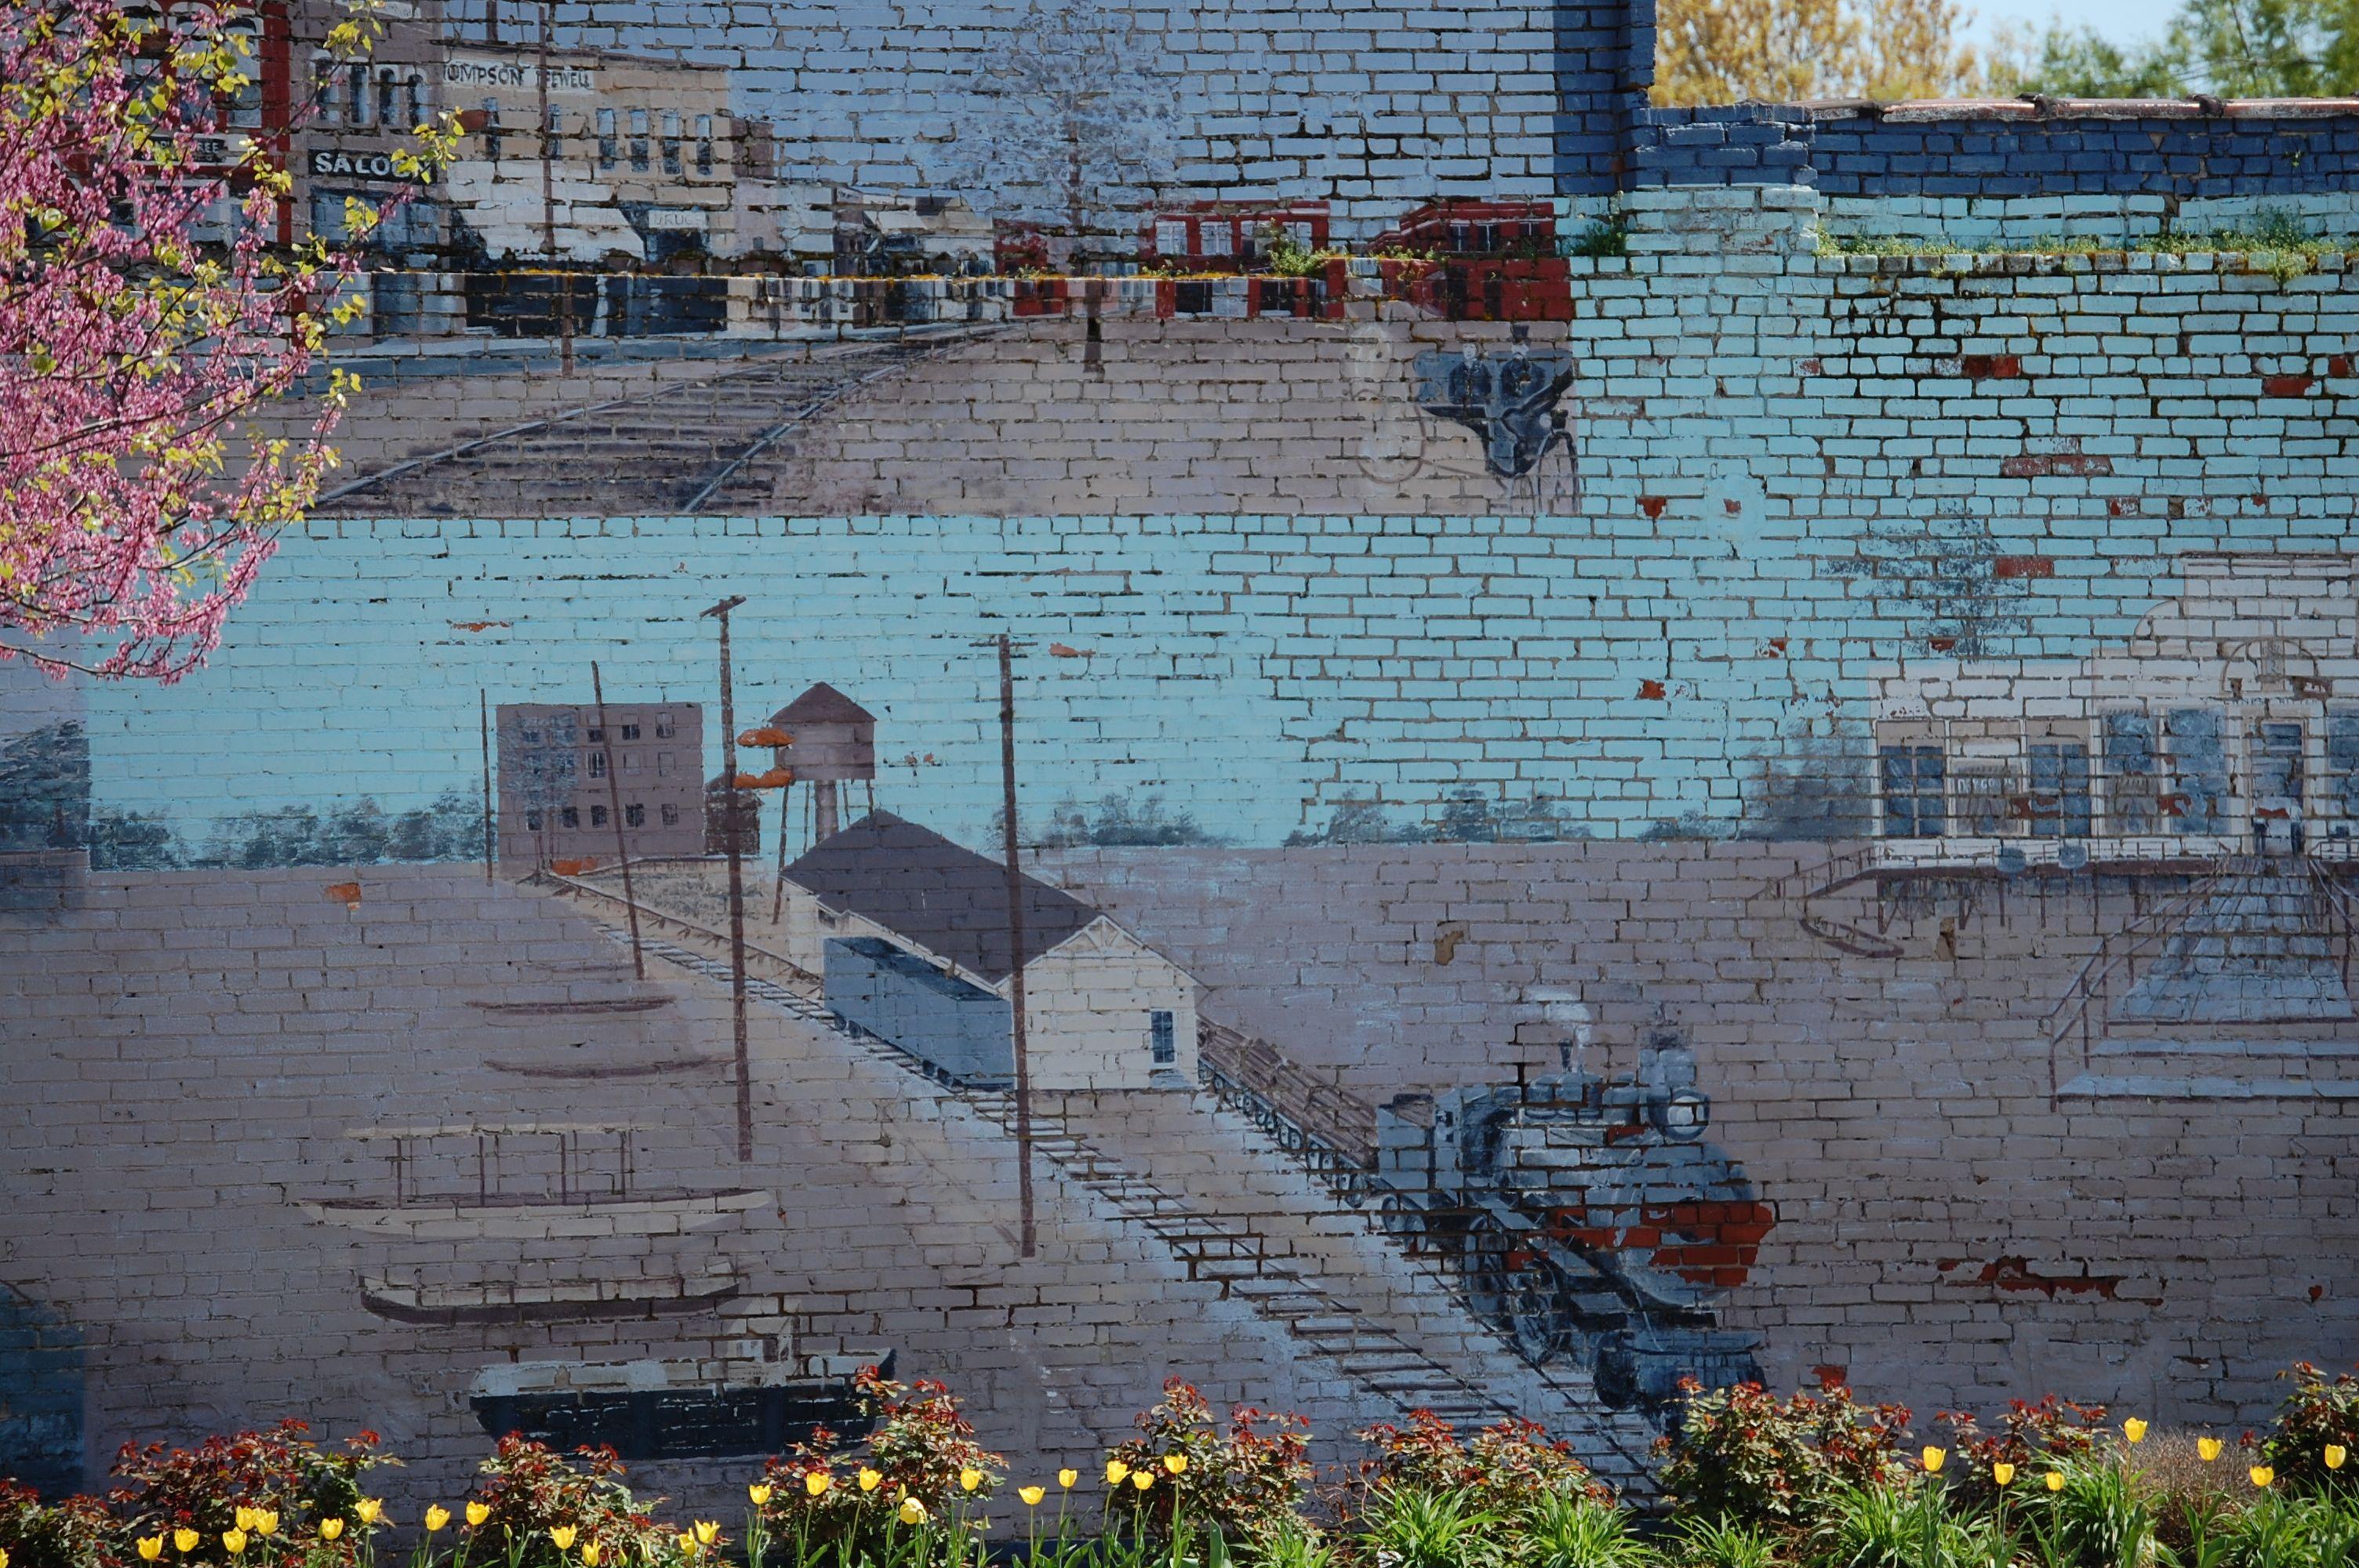 ... on a wall in Marked Tree, Arkansas | Murals, Graffiti, Wall Art